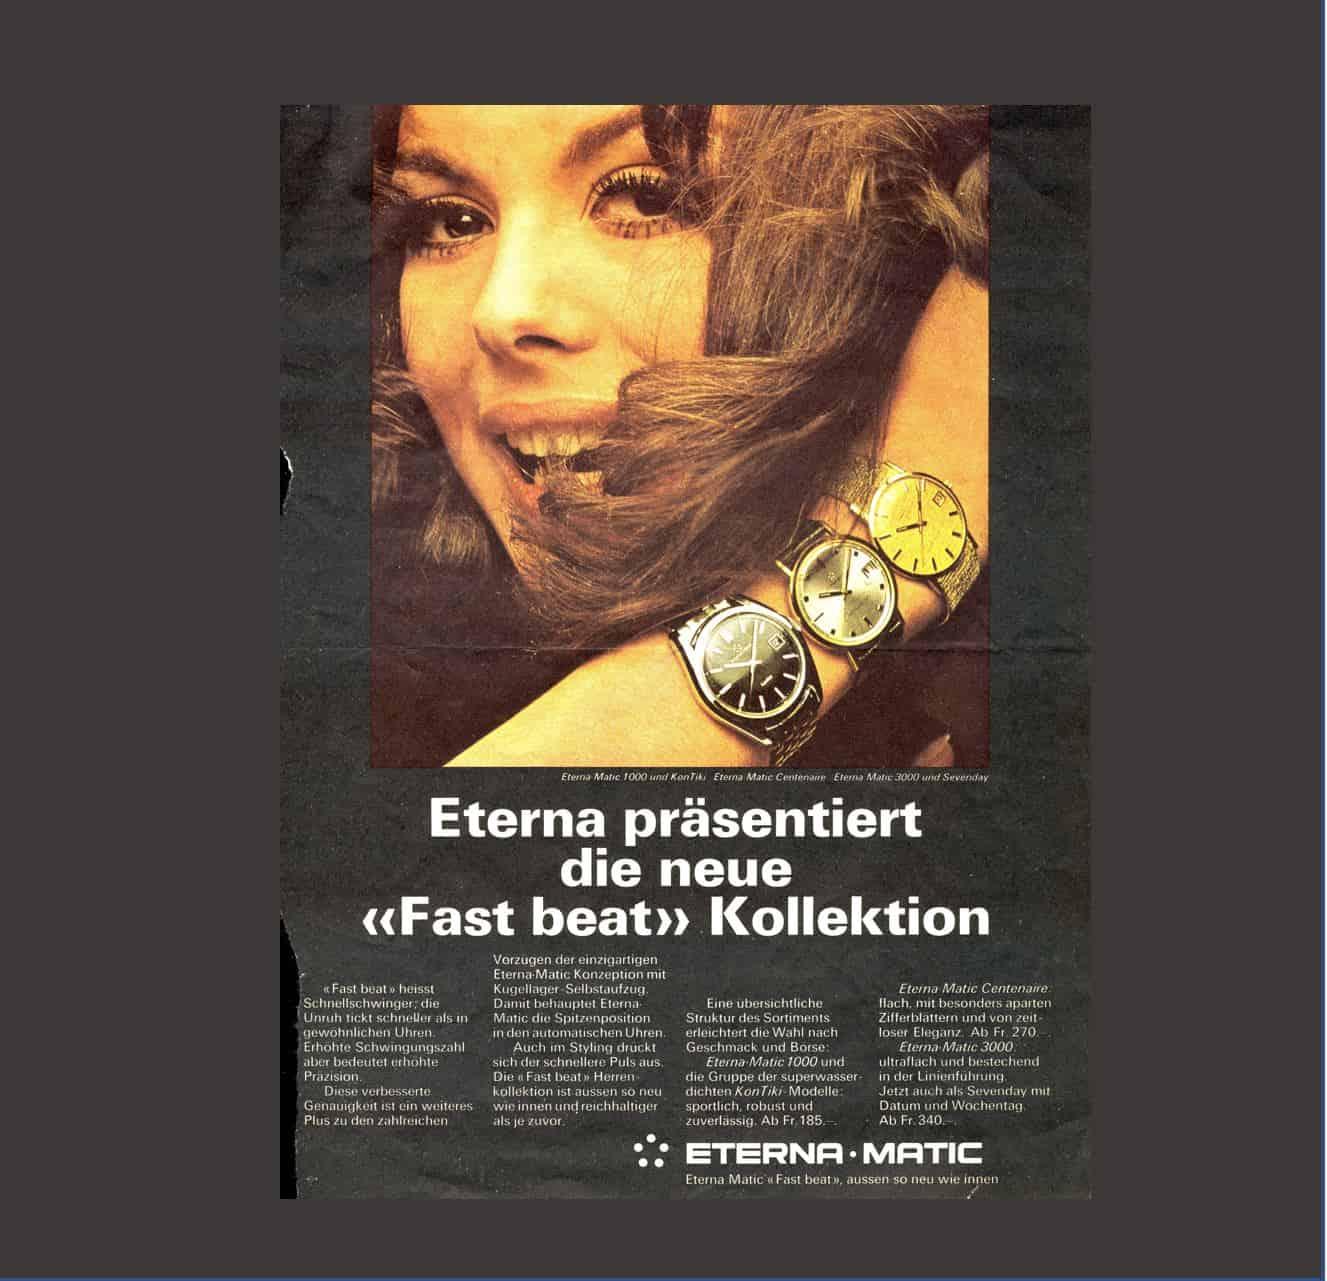 """Dieses """"Fast beat"""" Anzeigenmotiv der Uhrenkollektion von Eterna ließ die empörten Herzen der Leser wirklich schneller schlagen"""